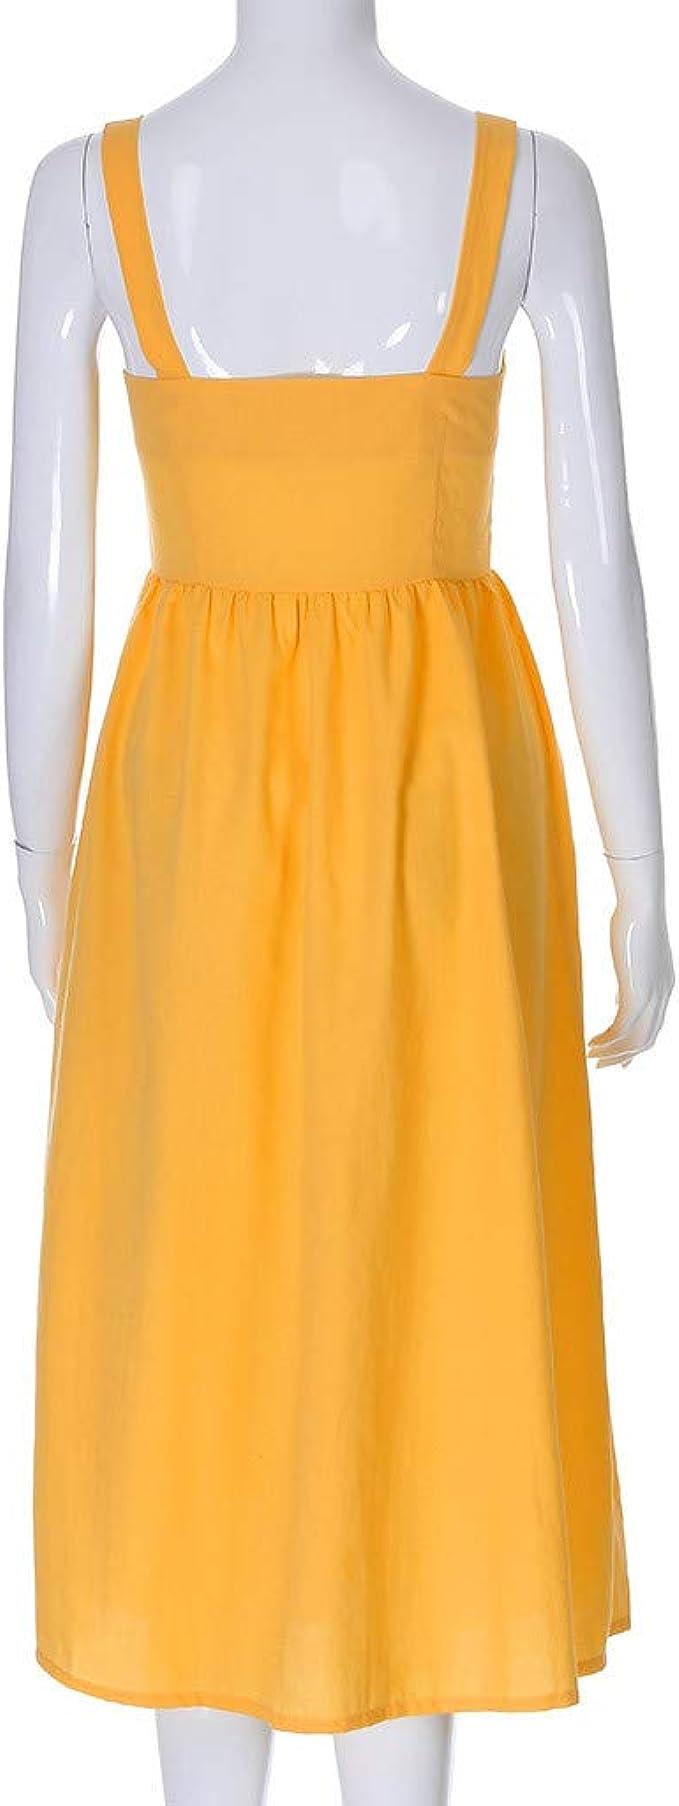 Overdose Vestido de Mujer botón de Eslinga Vestido de Lino de algodón Informal día de Fiesta Color sólido era Falda Delgada de Playa Midi: Amazon.es: Ropa y accesorios